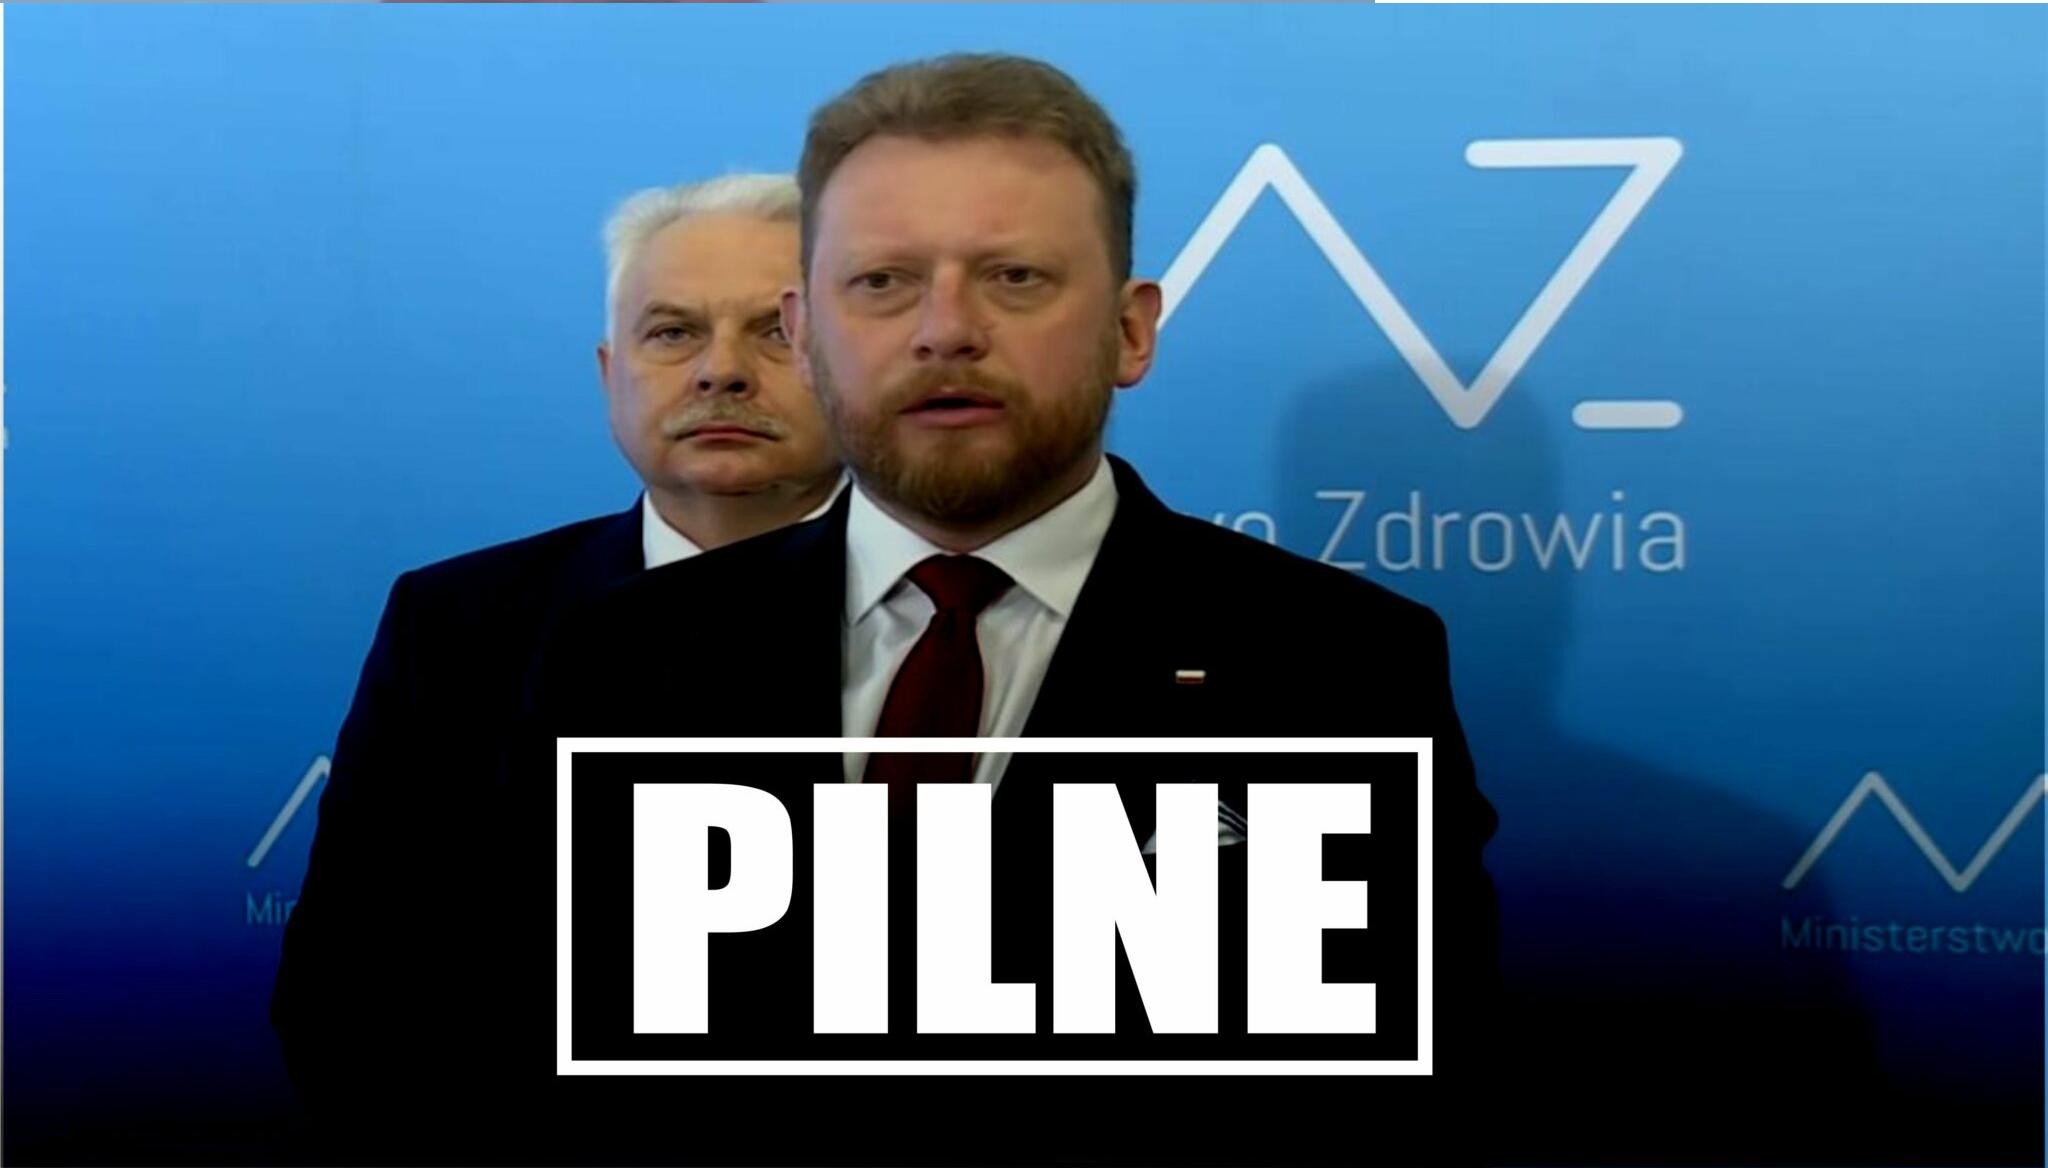 Koronawirus: Od soboty w Polsce wchodzą w życie nowe obostrzenia, w kraju będą obowiązywały tak zwane czerwone i żółte strefy.